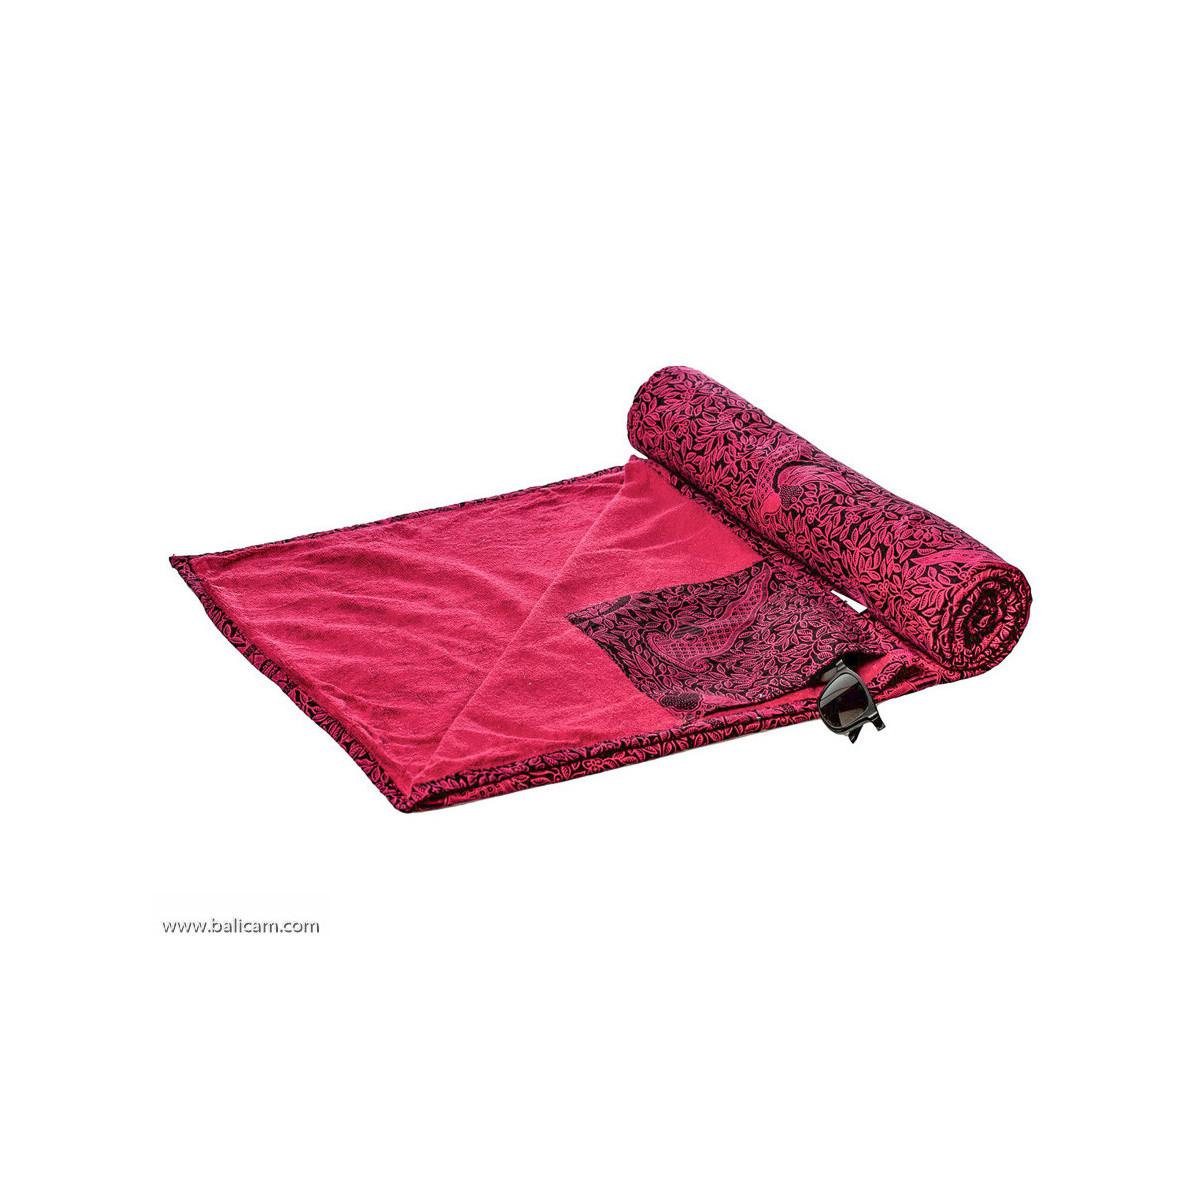 drap de plage coton original rose et noir